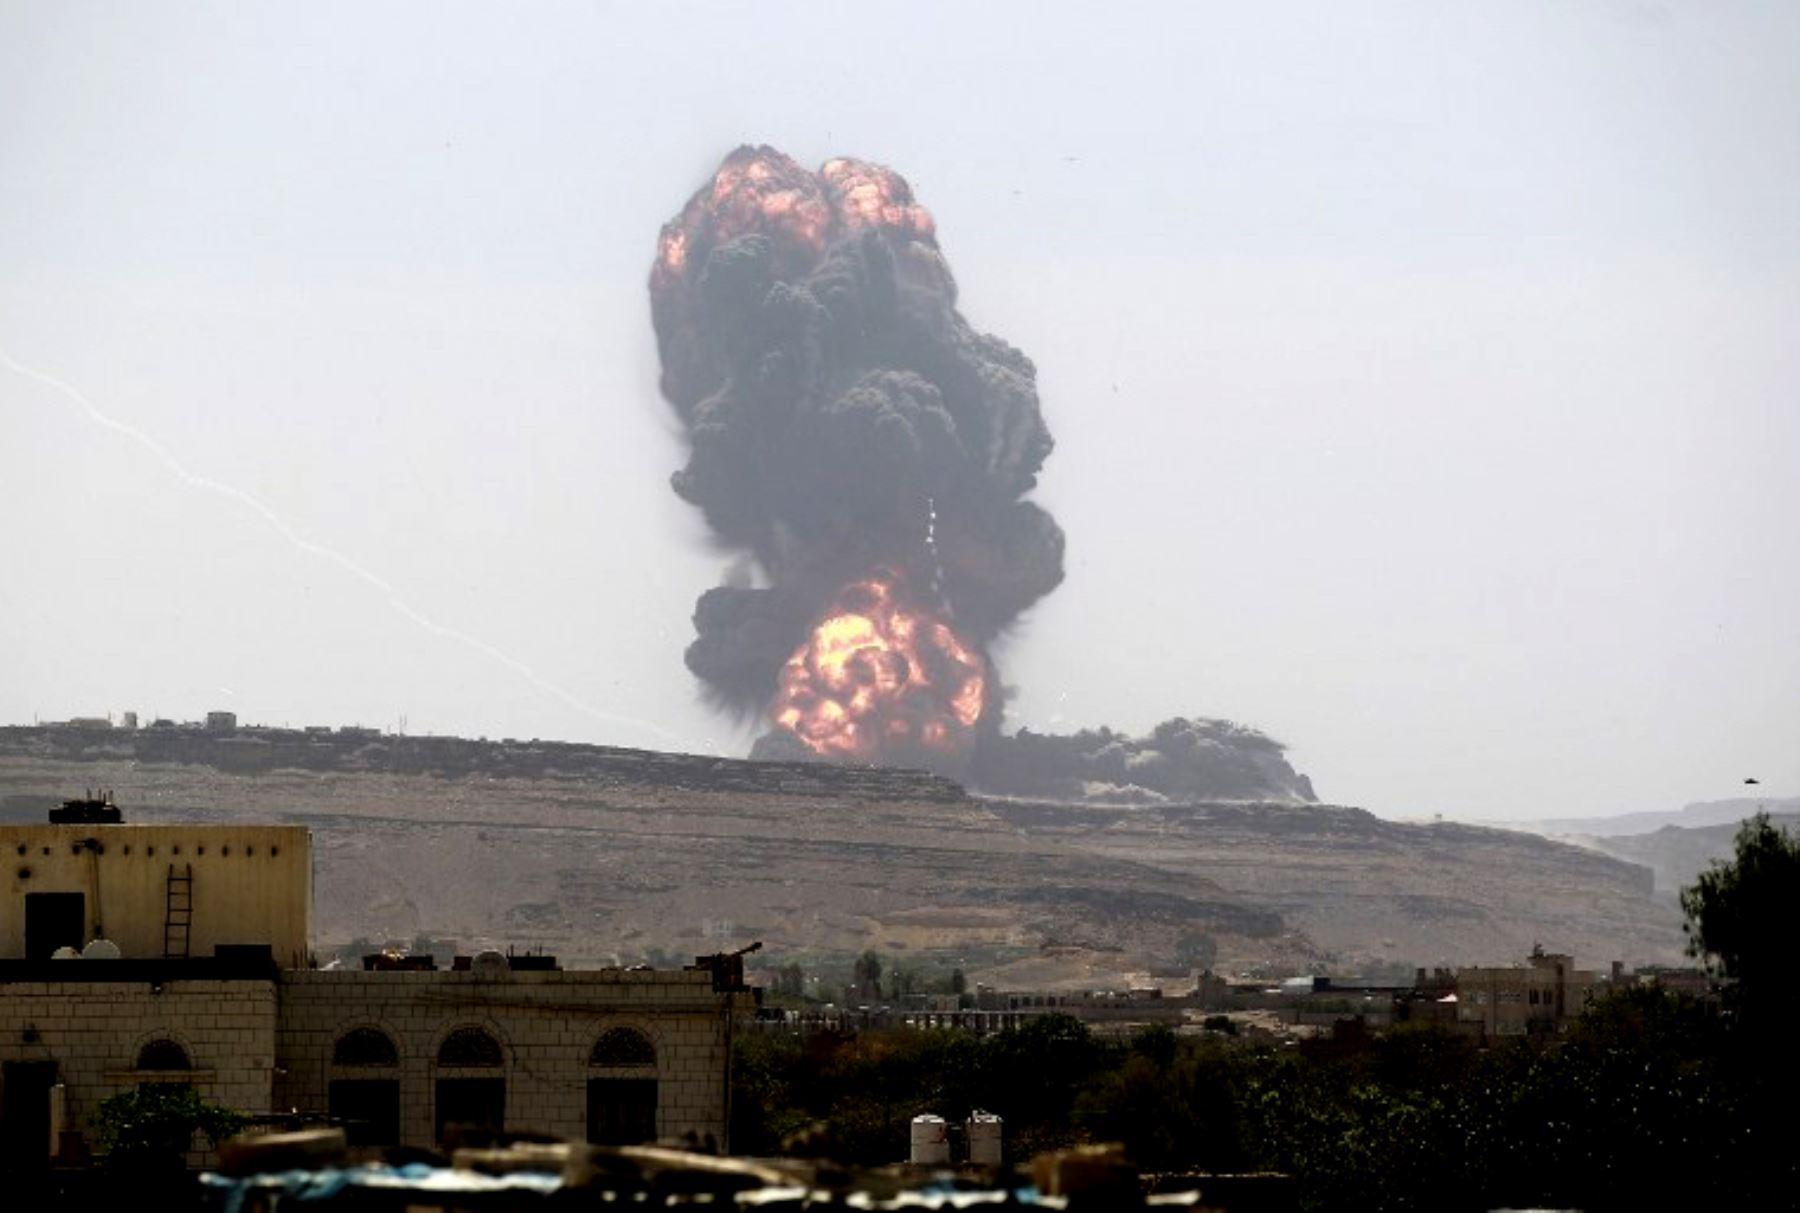 Ataque aéreo de la coalición liderada por Arabiaen un depósito de armas del ejército, ahora bajo control de los rebeldes chiítas Huthi. Foto:AFP